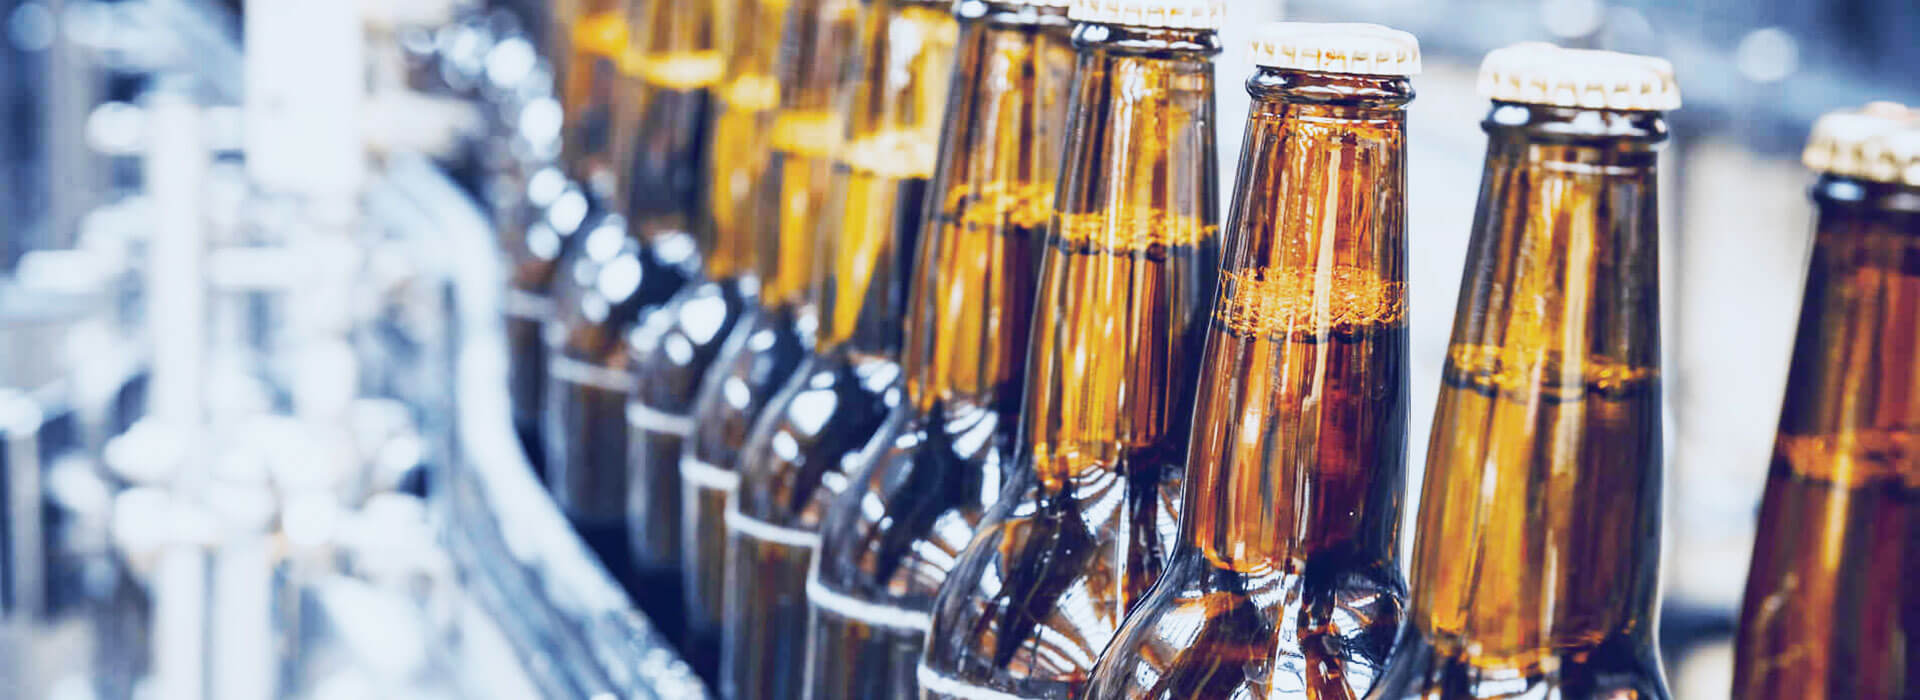 refrigerazione industria birra